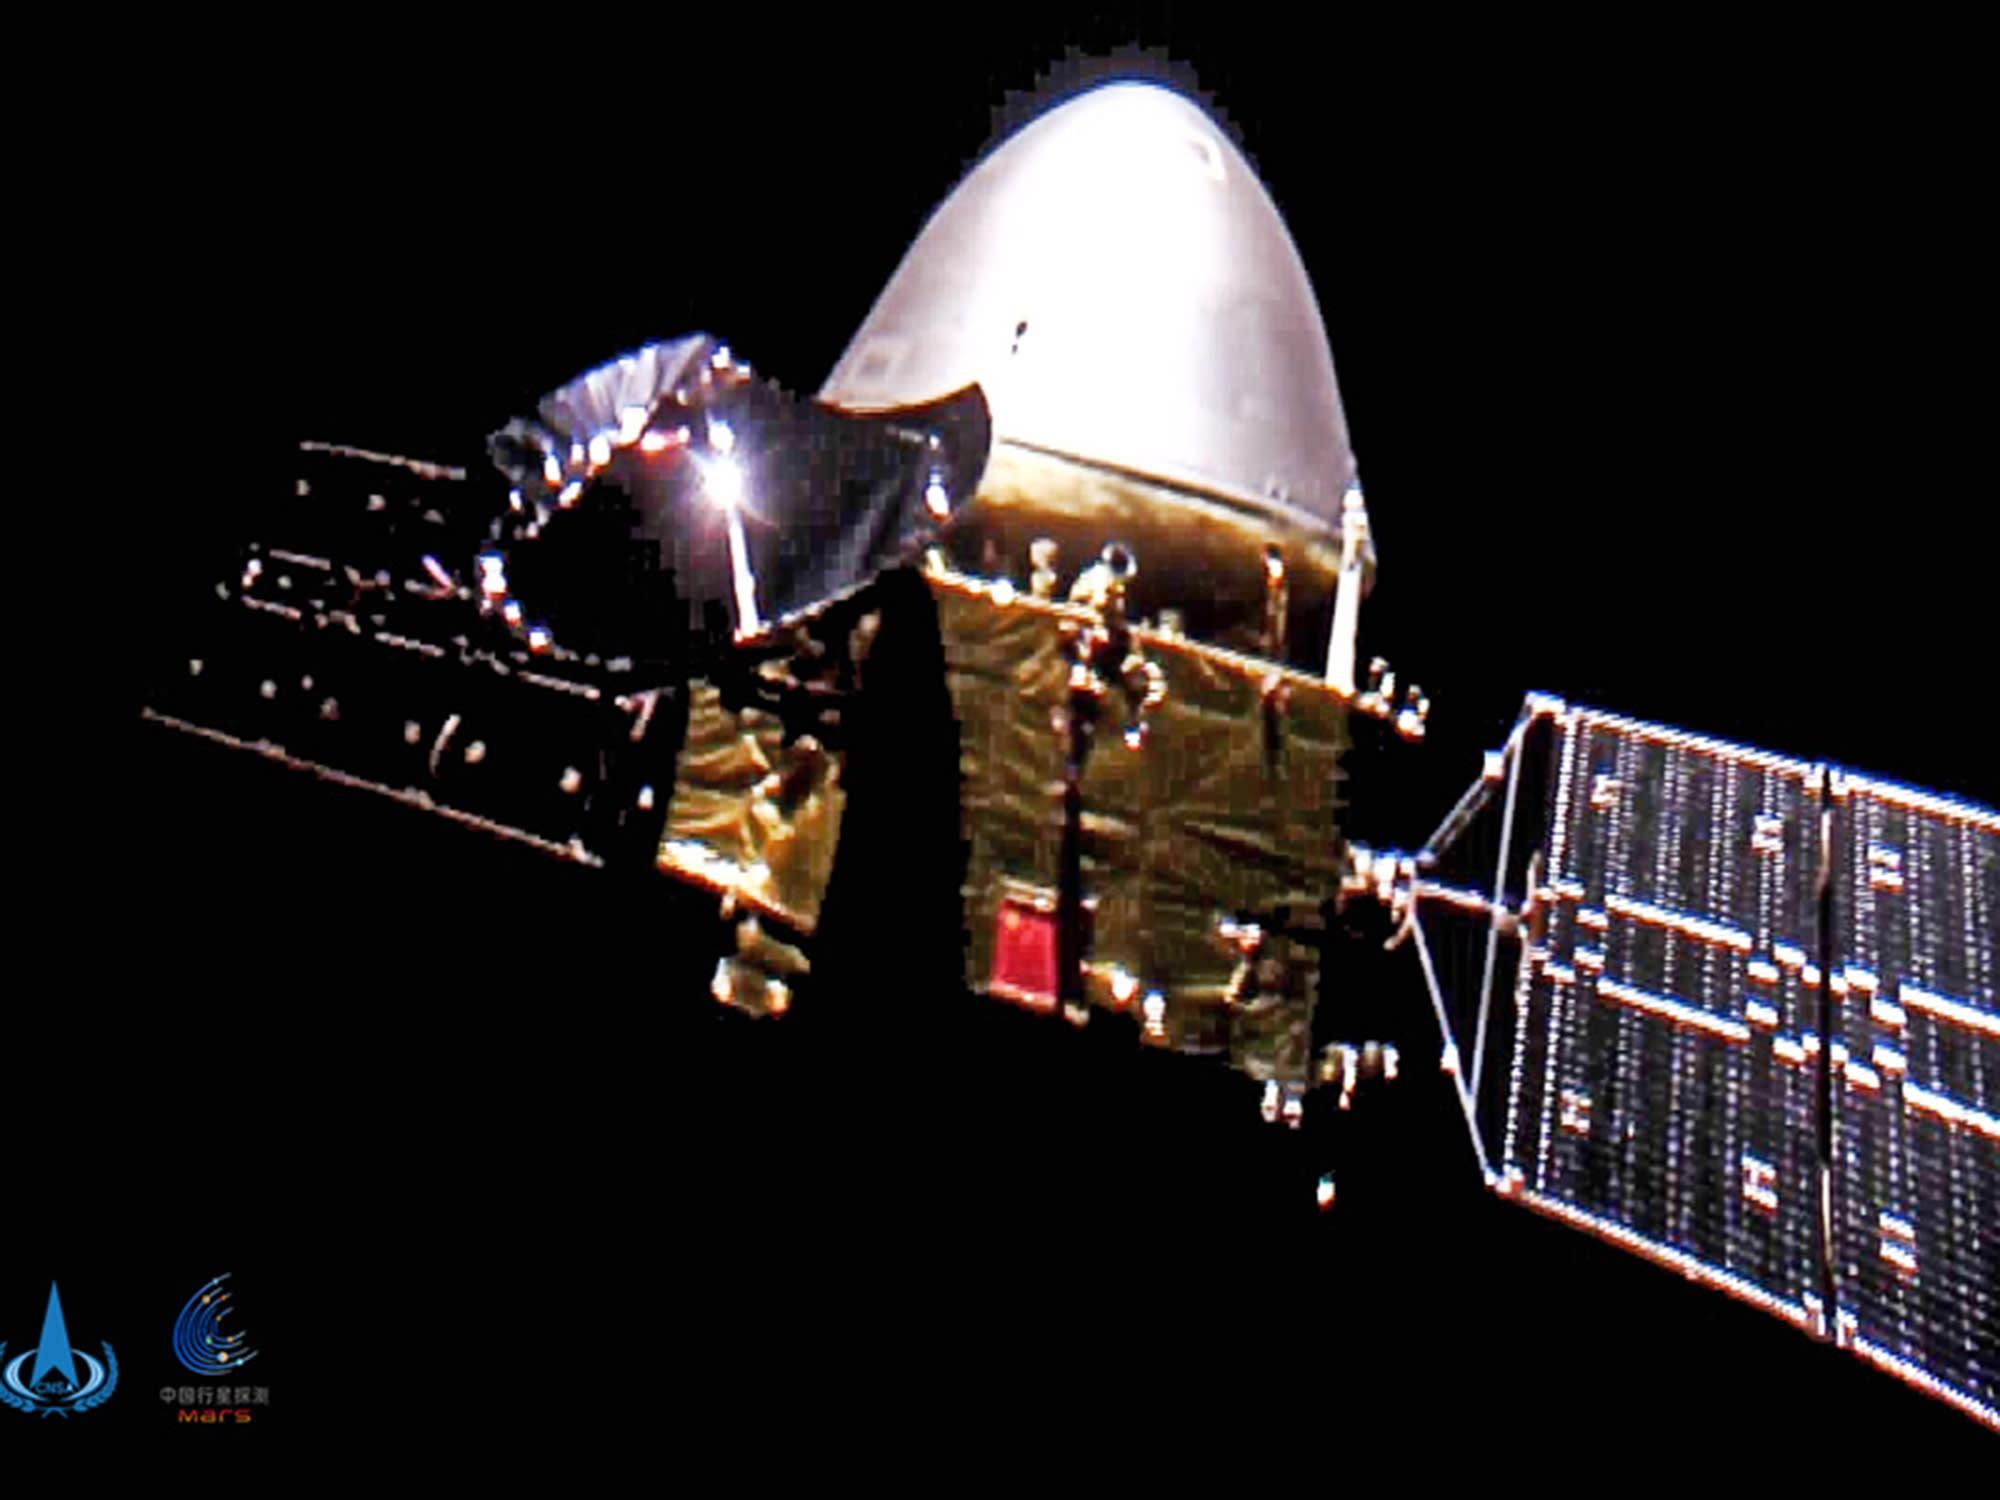 Китайский лунный зонд будет нести французское и российское оборудование